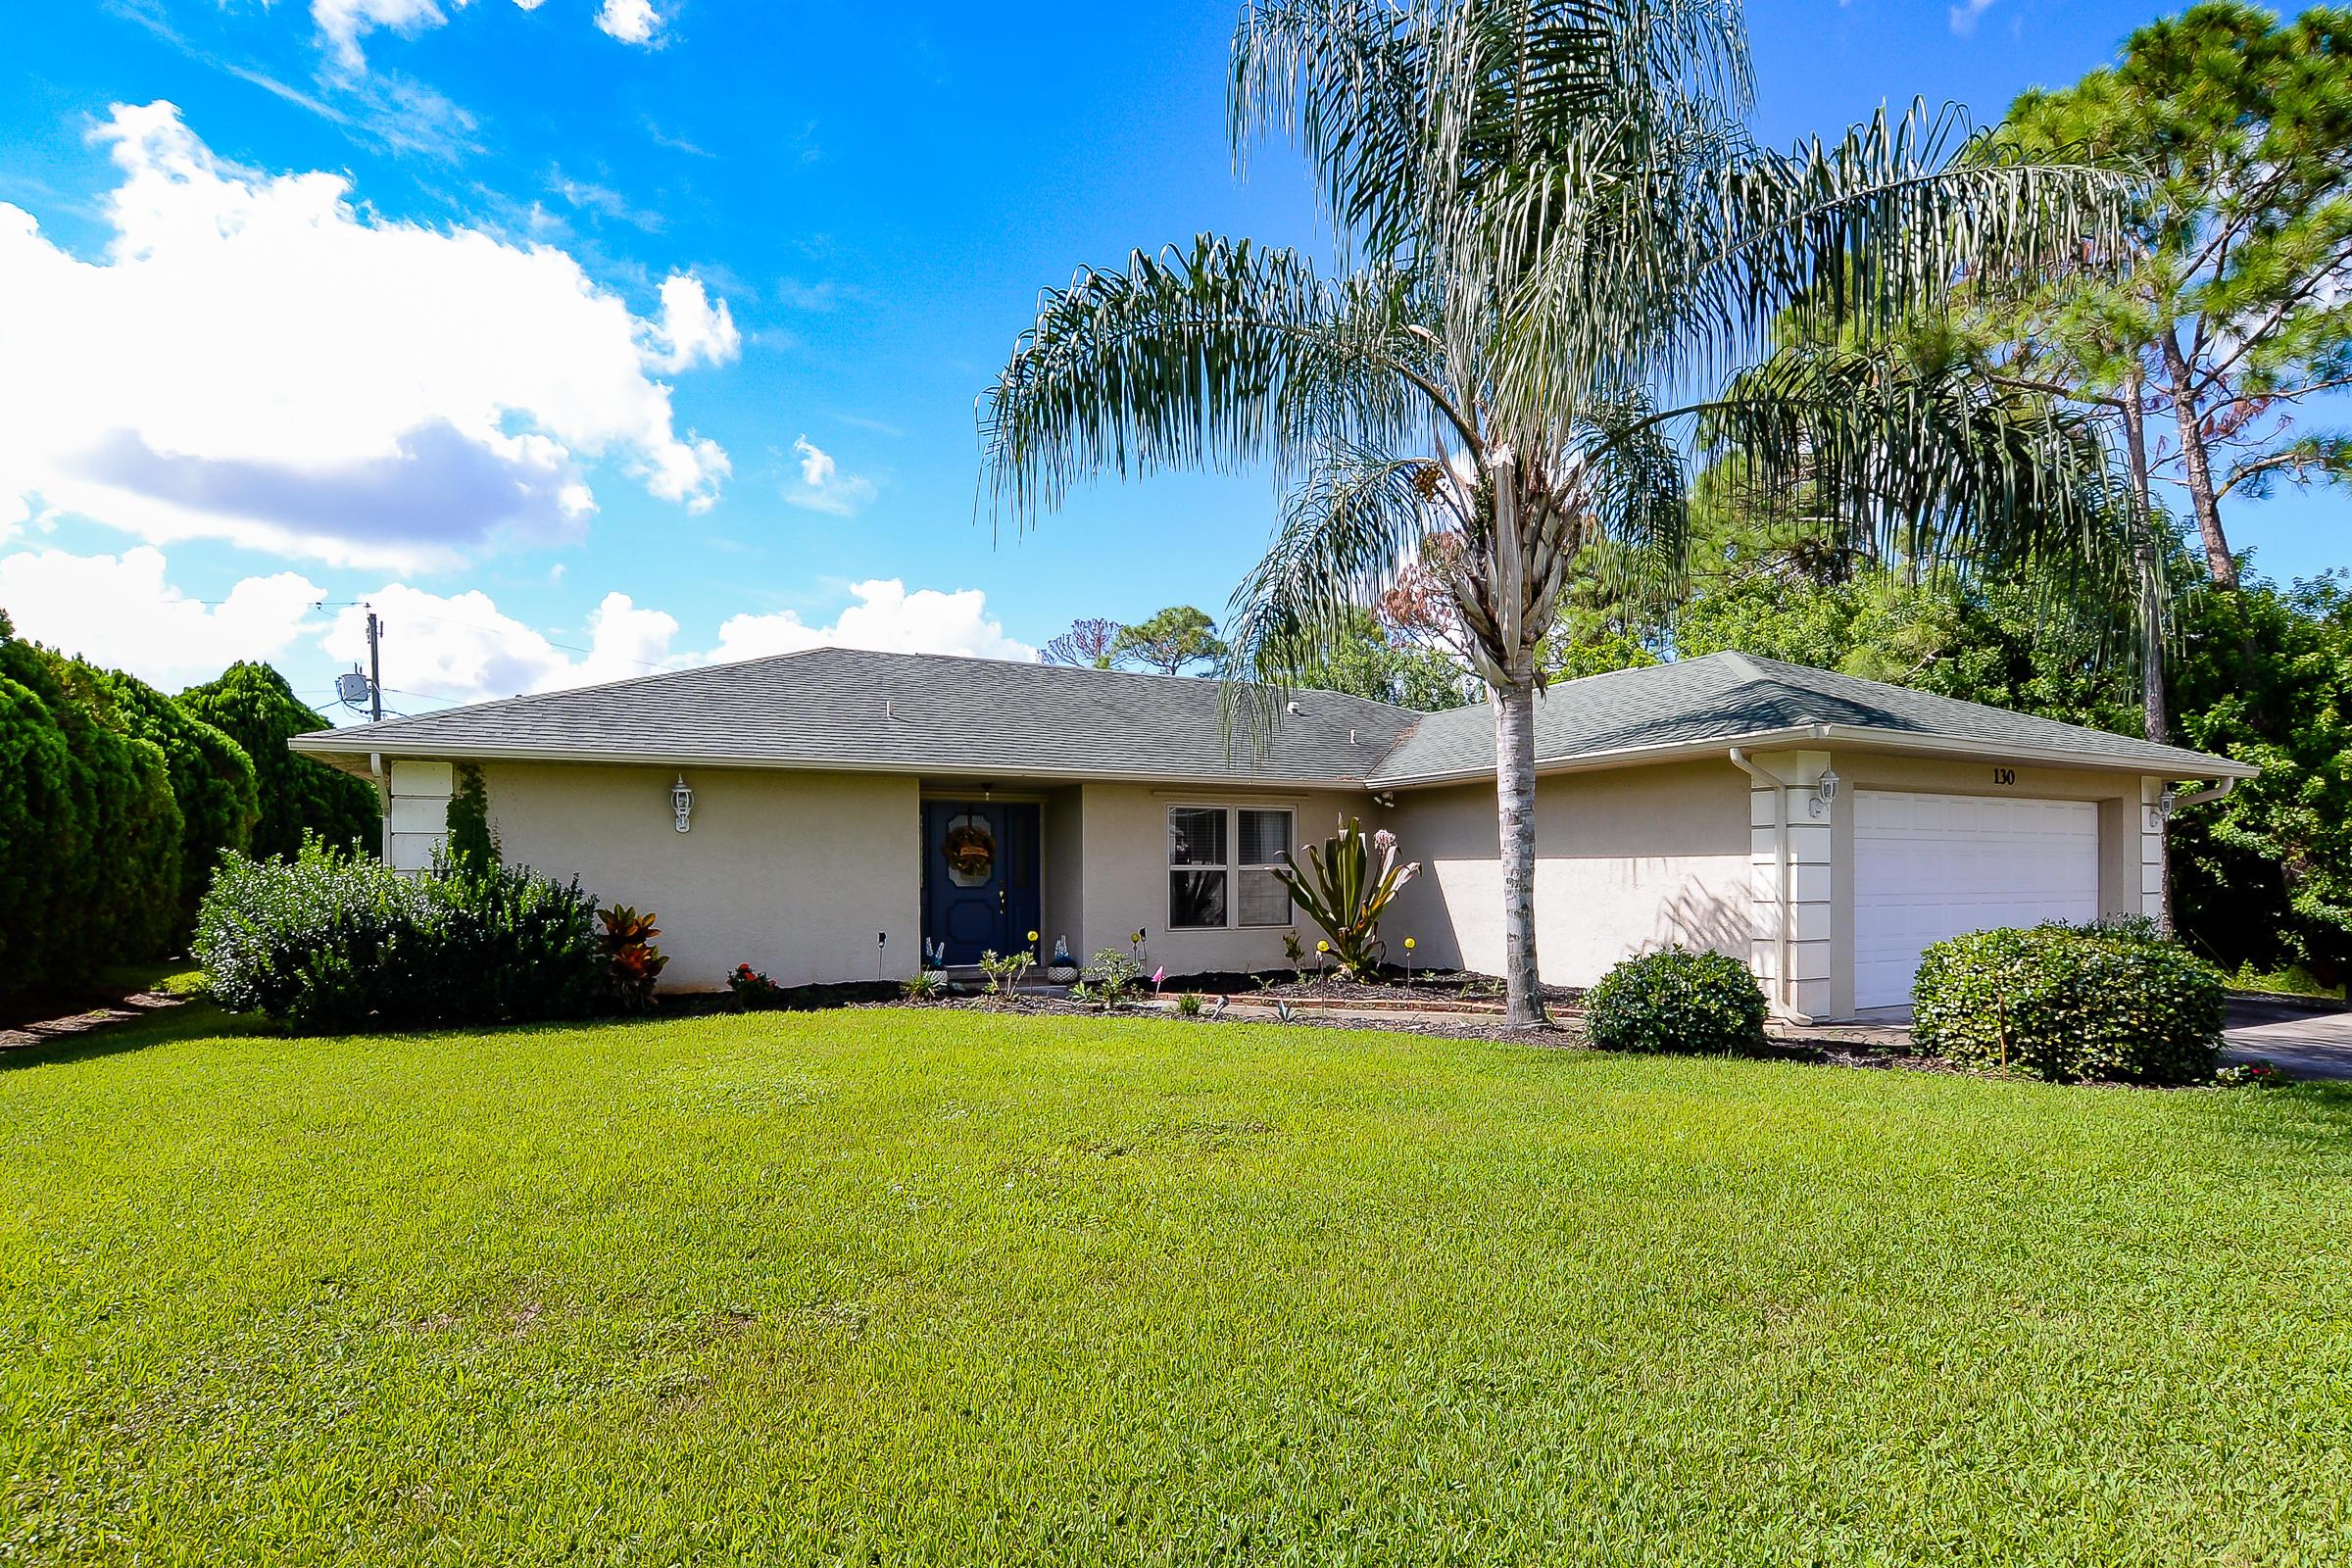 130 Sw Airview Avenue, Port Saint Lucie, FL 34984